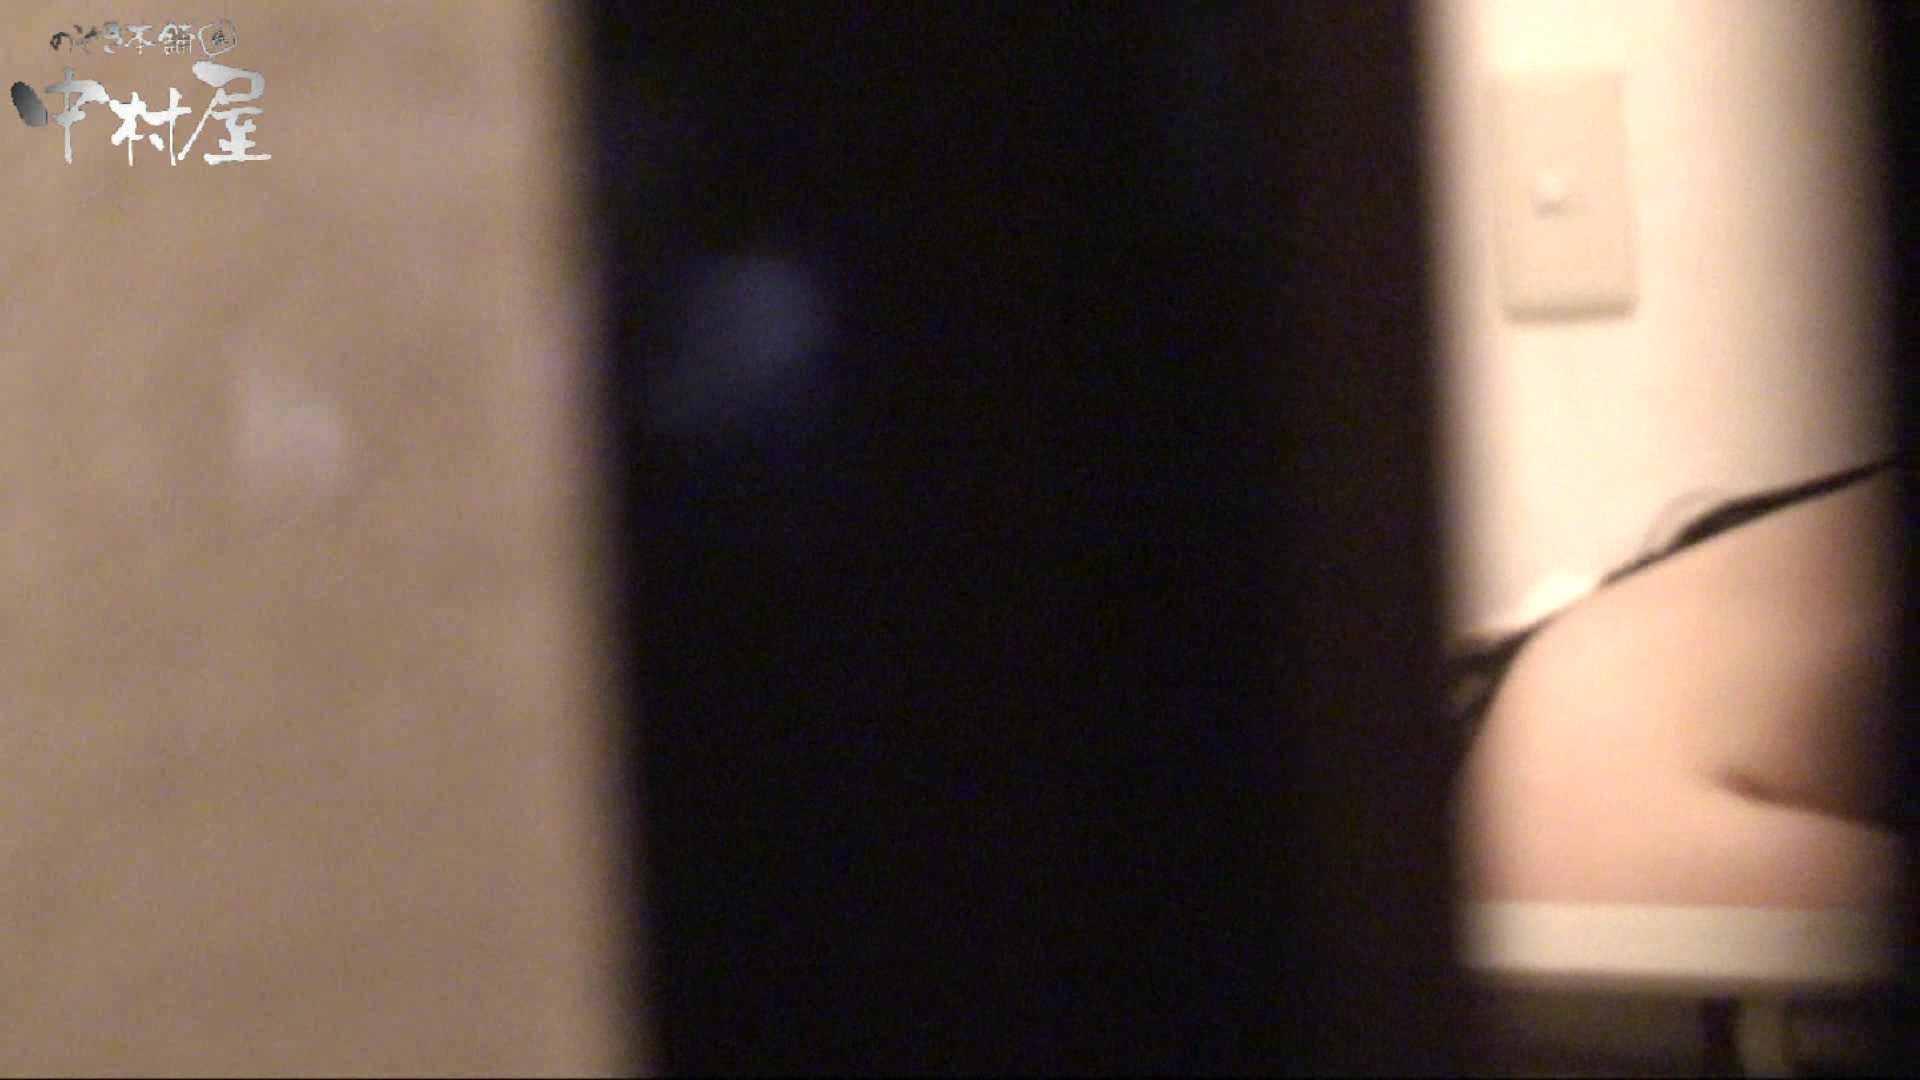 民家盗撮 隙間の向こう側 vol.01 シャワー アダルト動画キャプチャ 105PICs 95